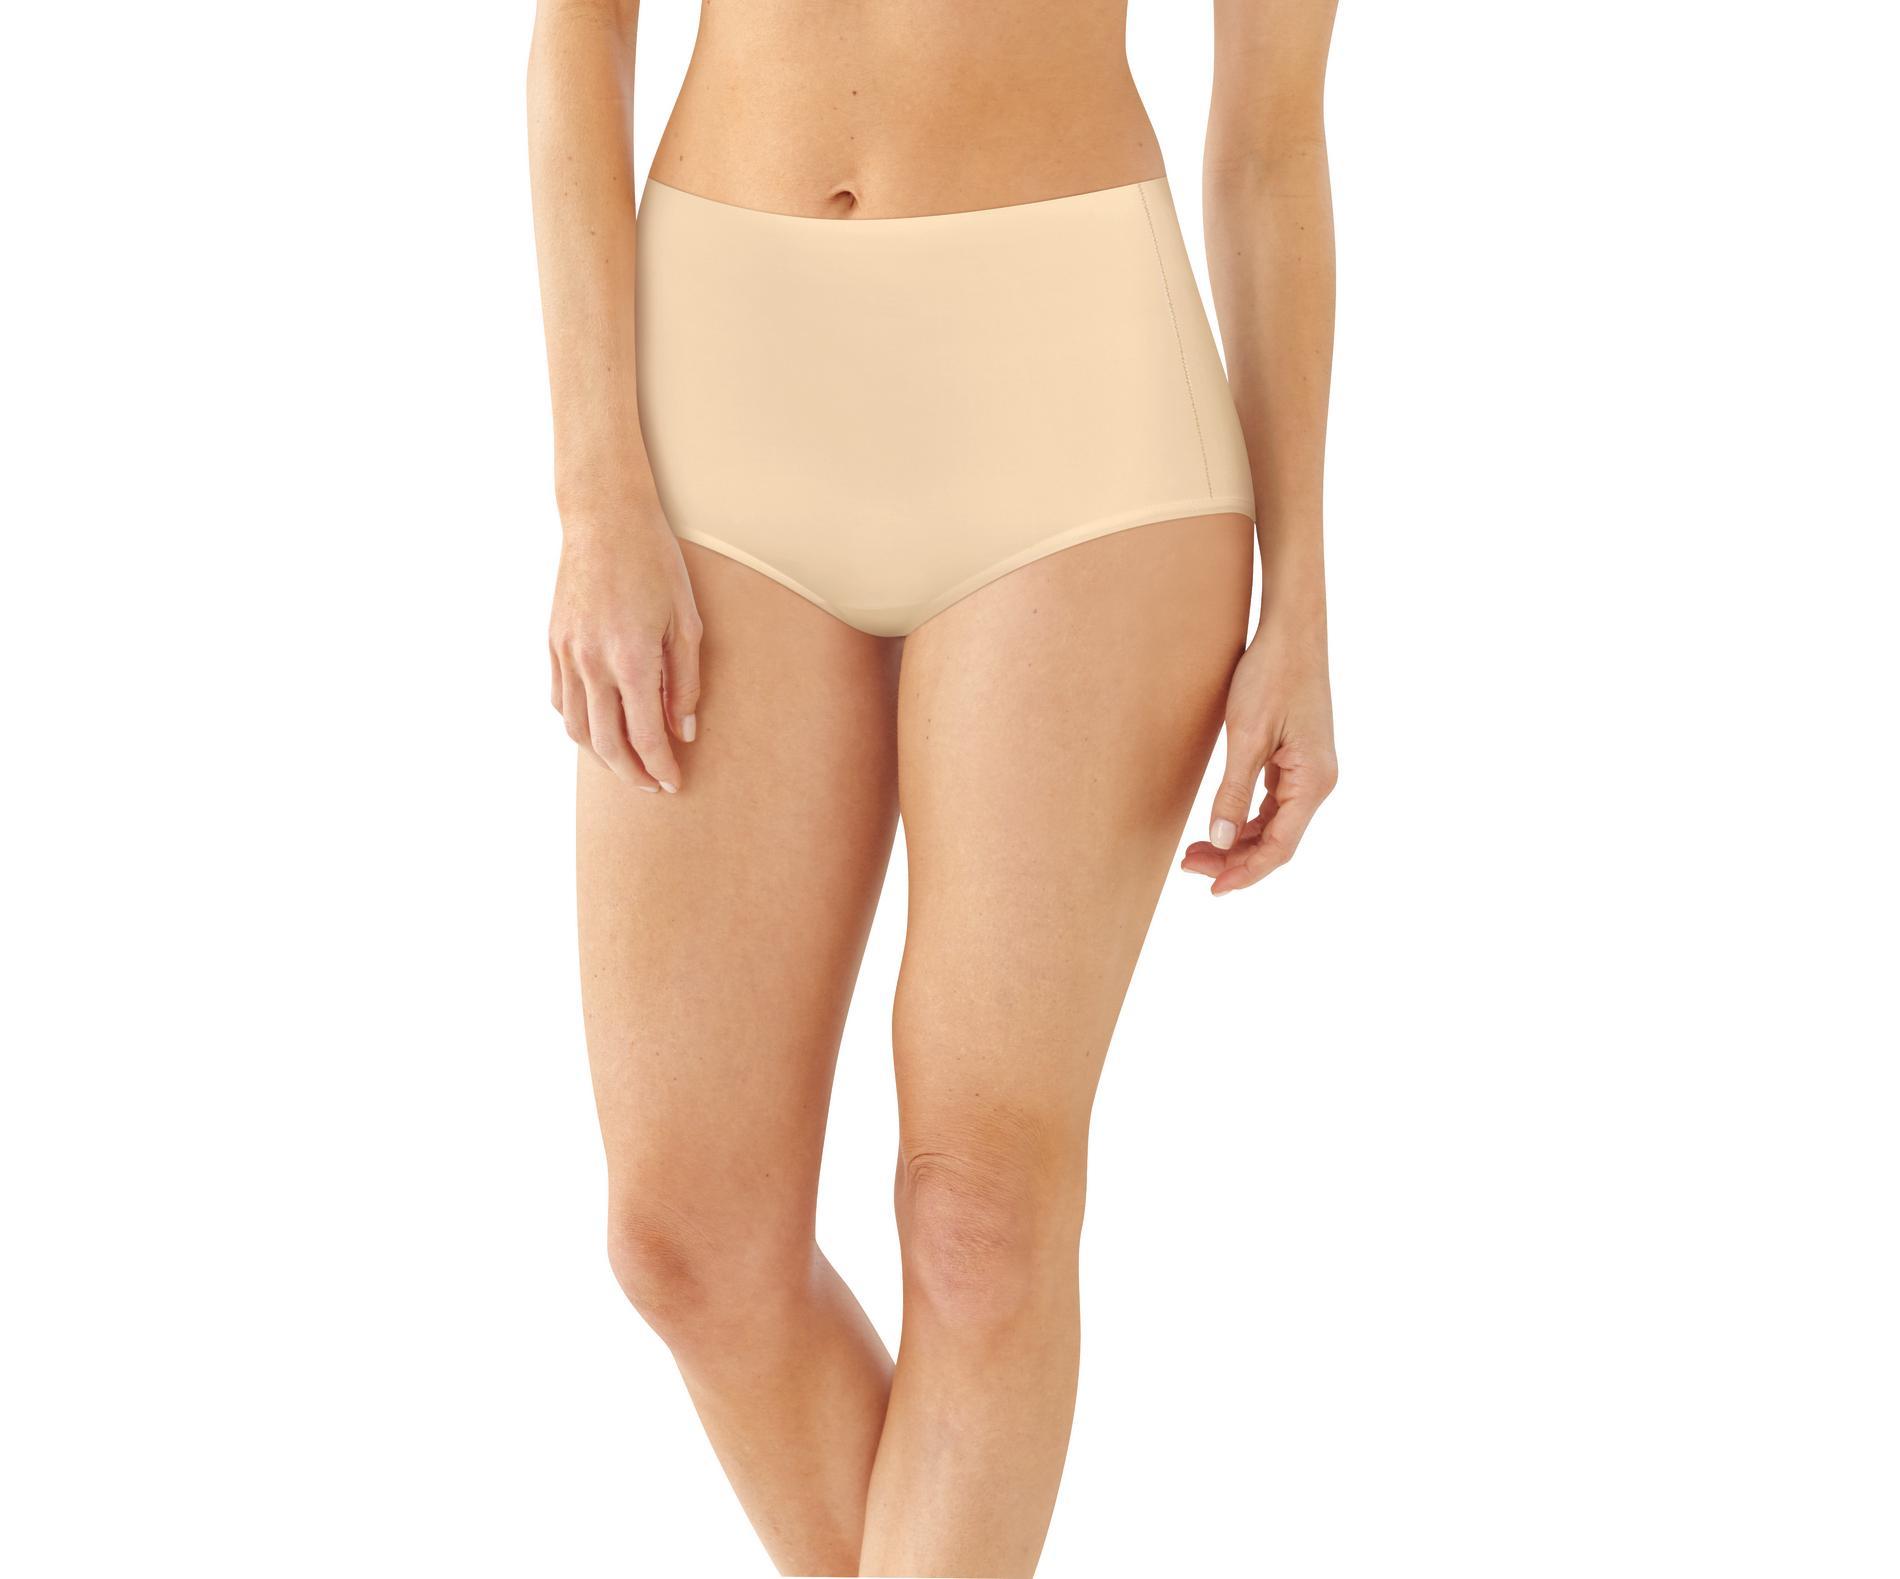 Bali Women's Comfort Revolution Brief Panties - ST61 PartNumber: 018VA92239612P MfgPartNumber: ST61 LPD